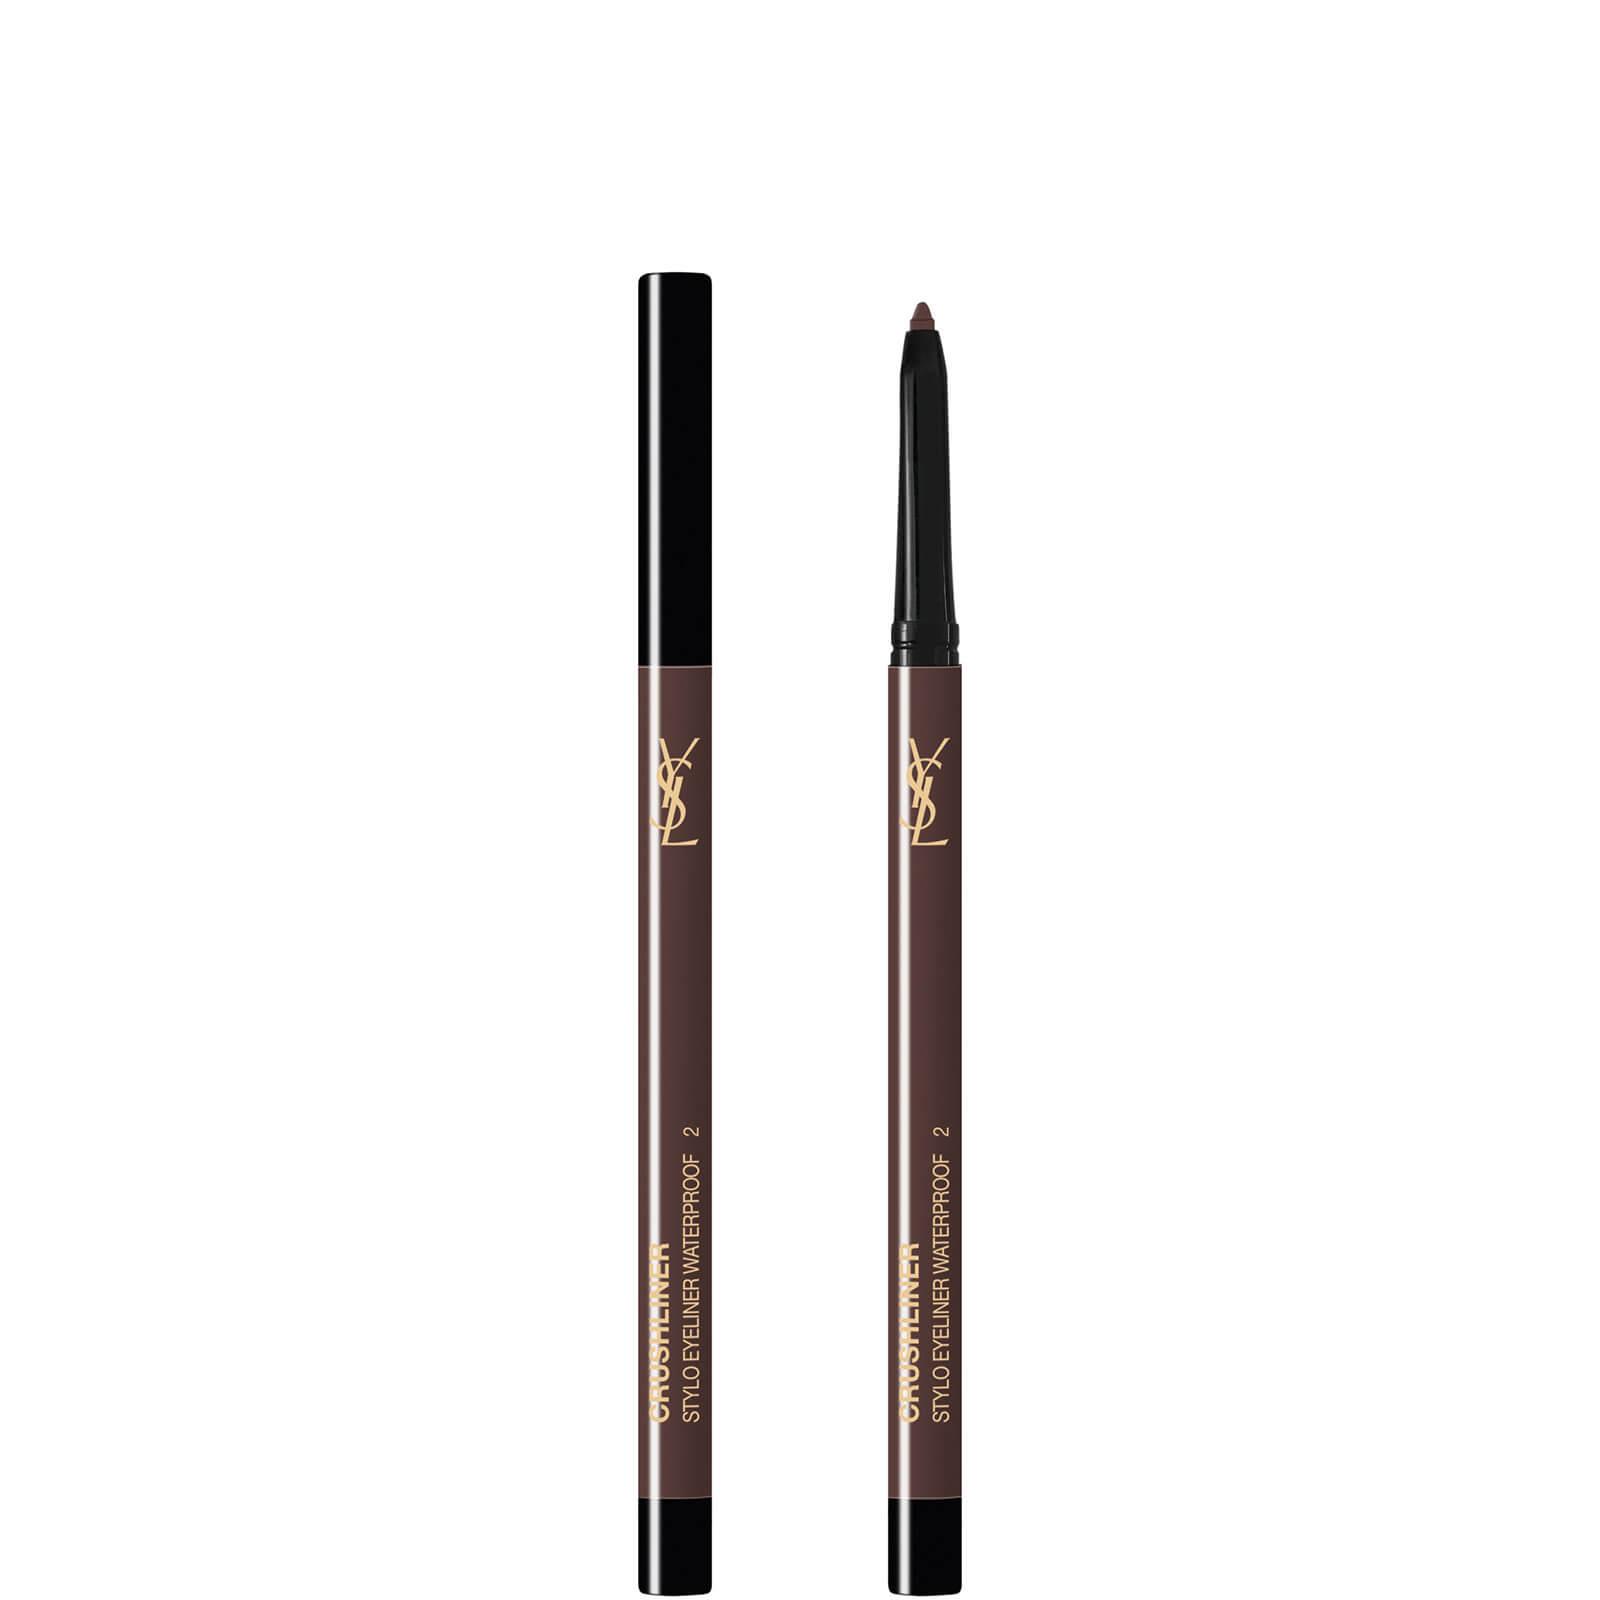 Купить Водостойкий карандаш для глаз Yves Saint Laurent Exclusive Crushliner Waterproof Stylo, 3 гр (в разных оттенках) - #2